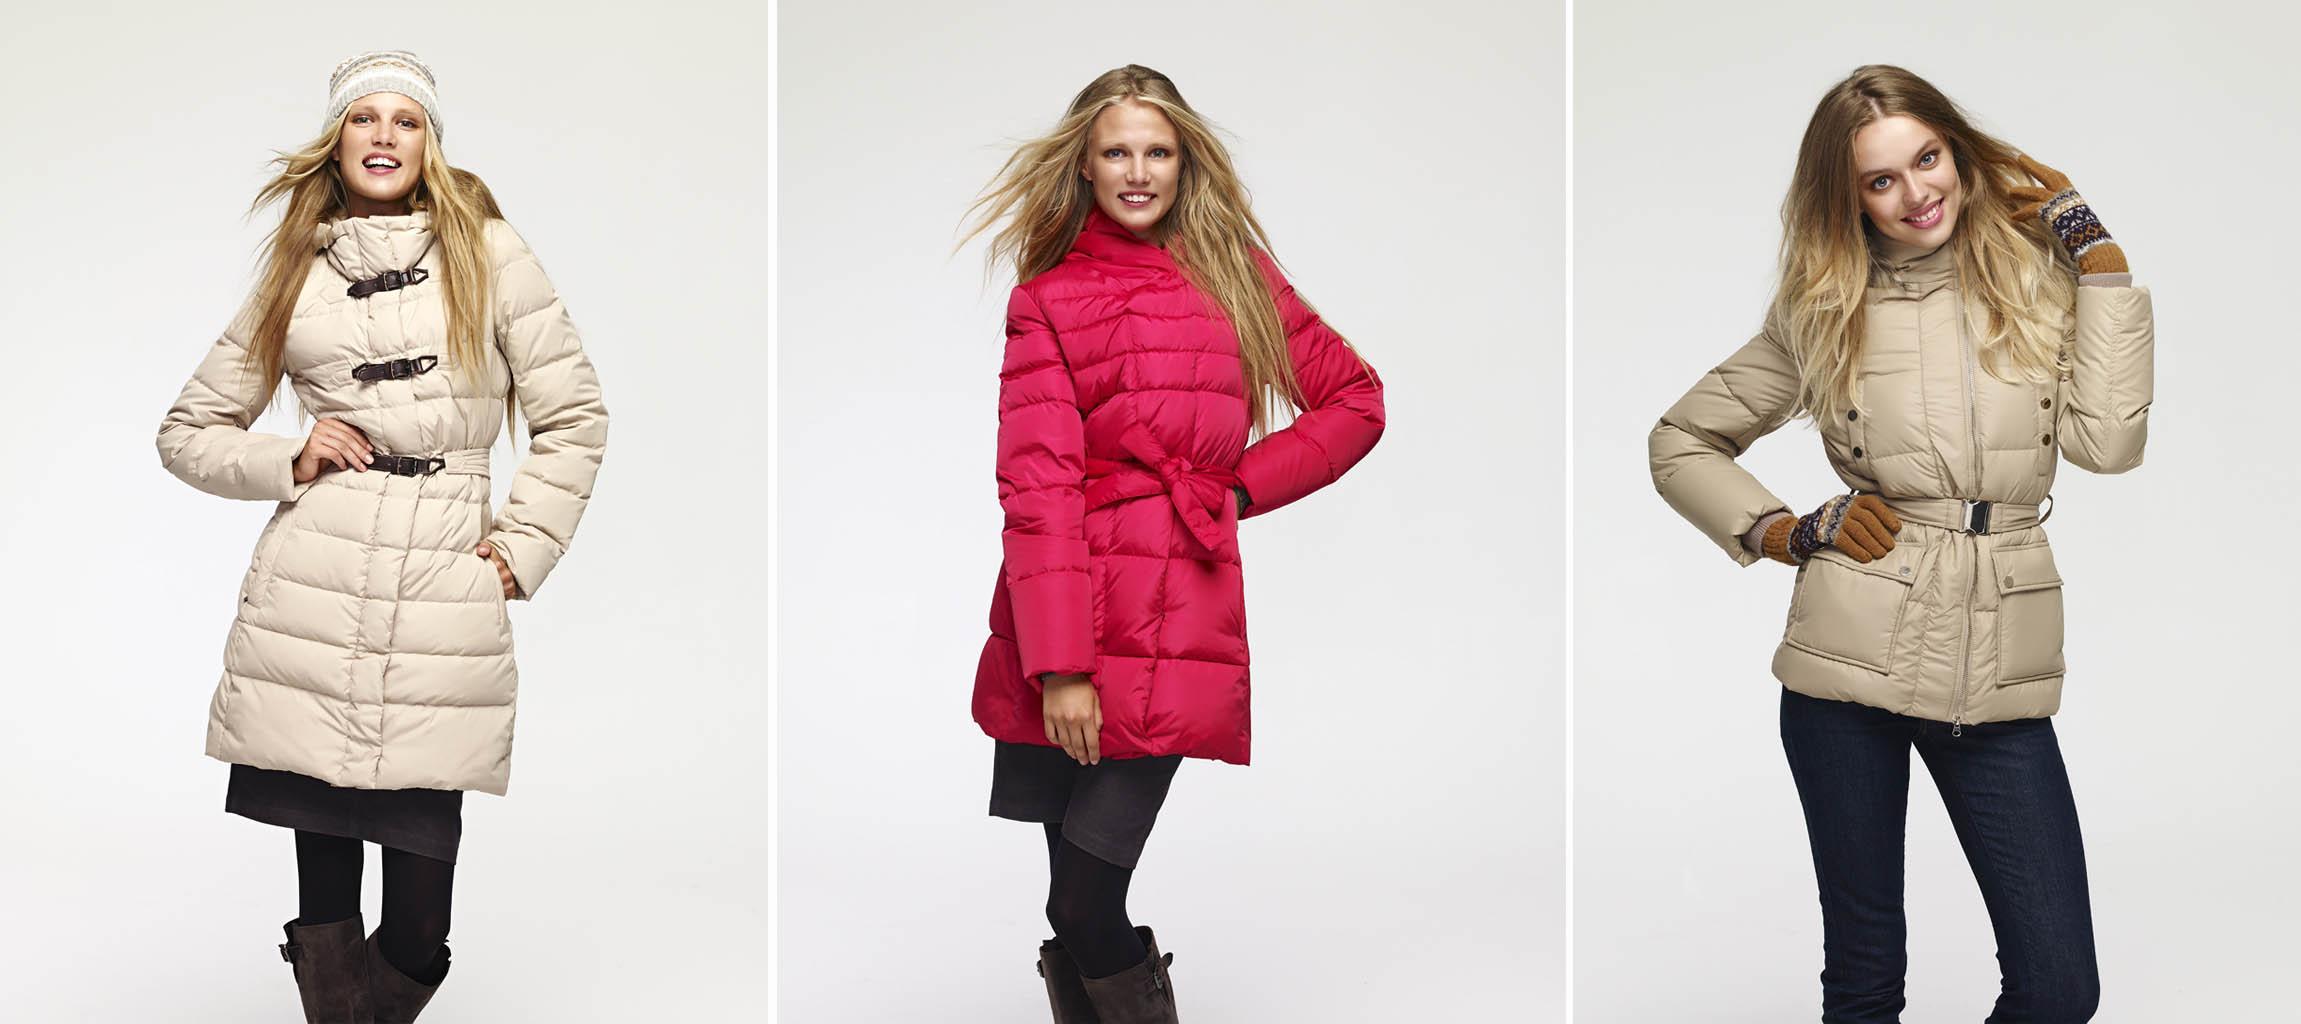 Особенность женской линии верхней одежды – качественные и красивые ткани,  идеальный крой моделей, сочетание технологий и модных тенденций, ... d3f130dfab6